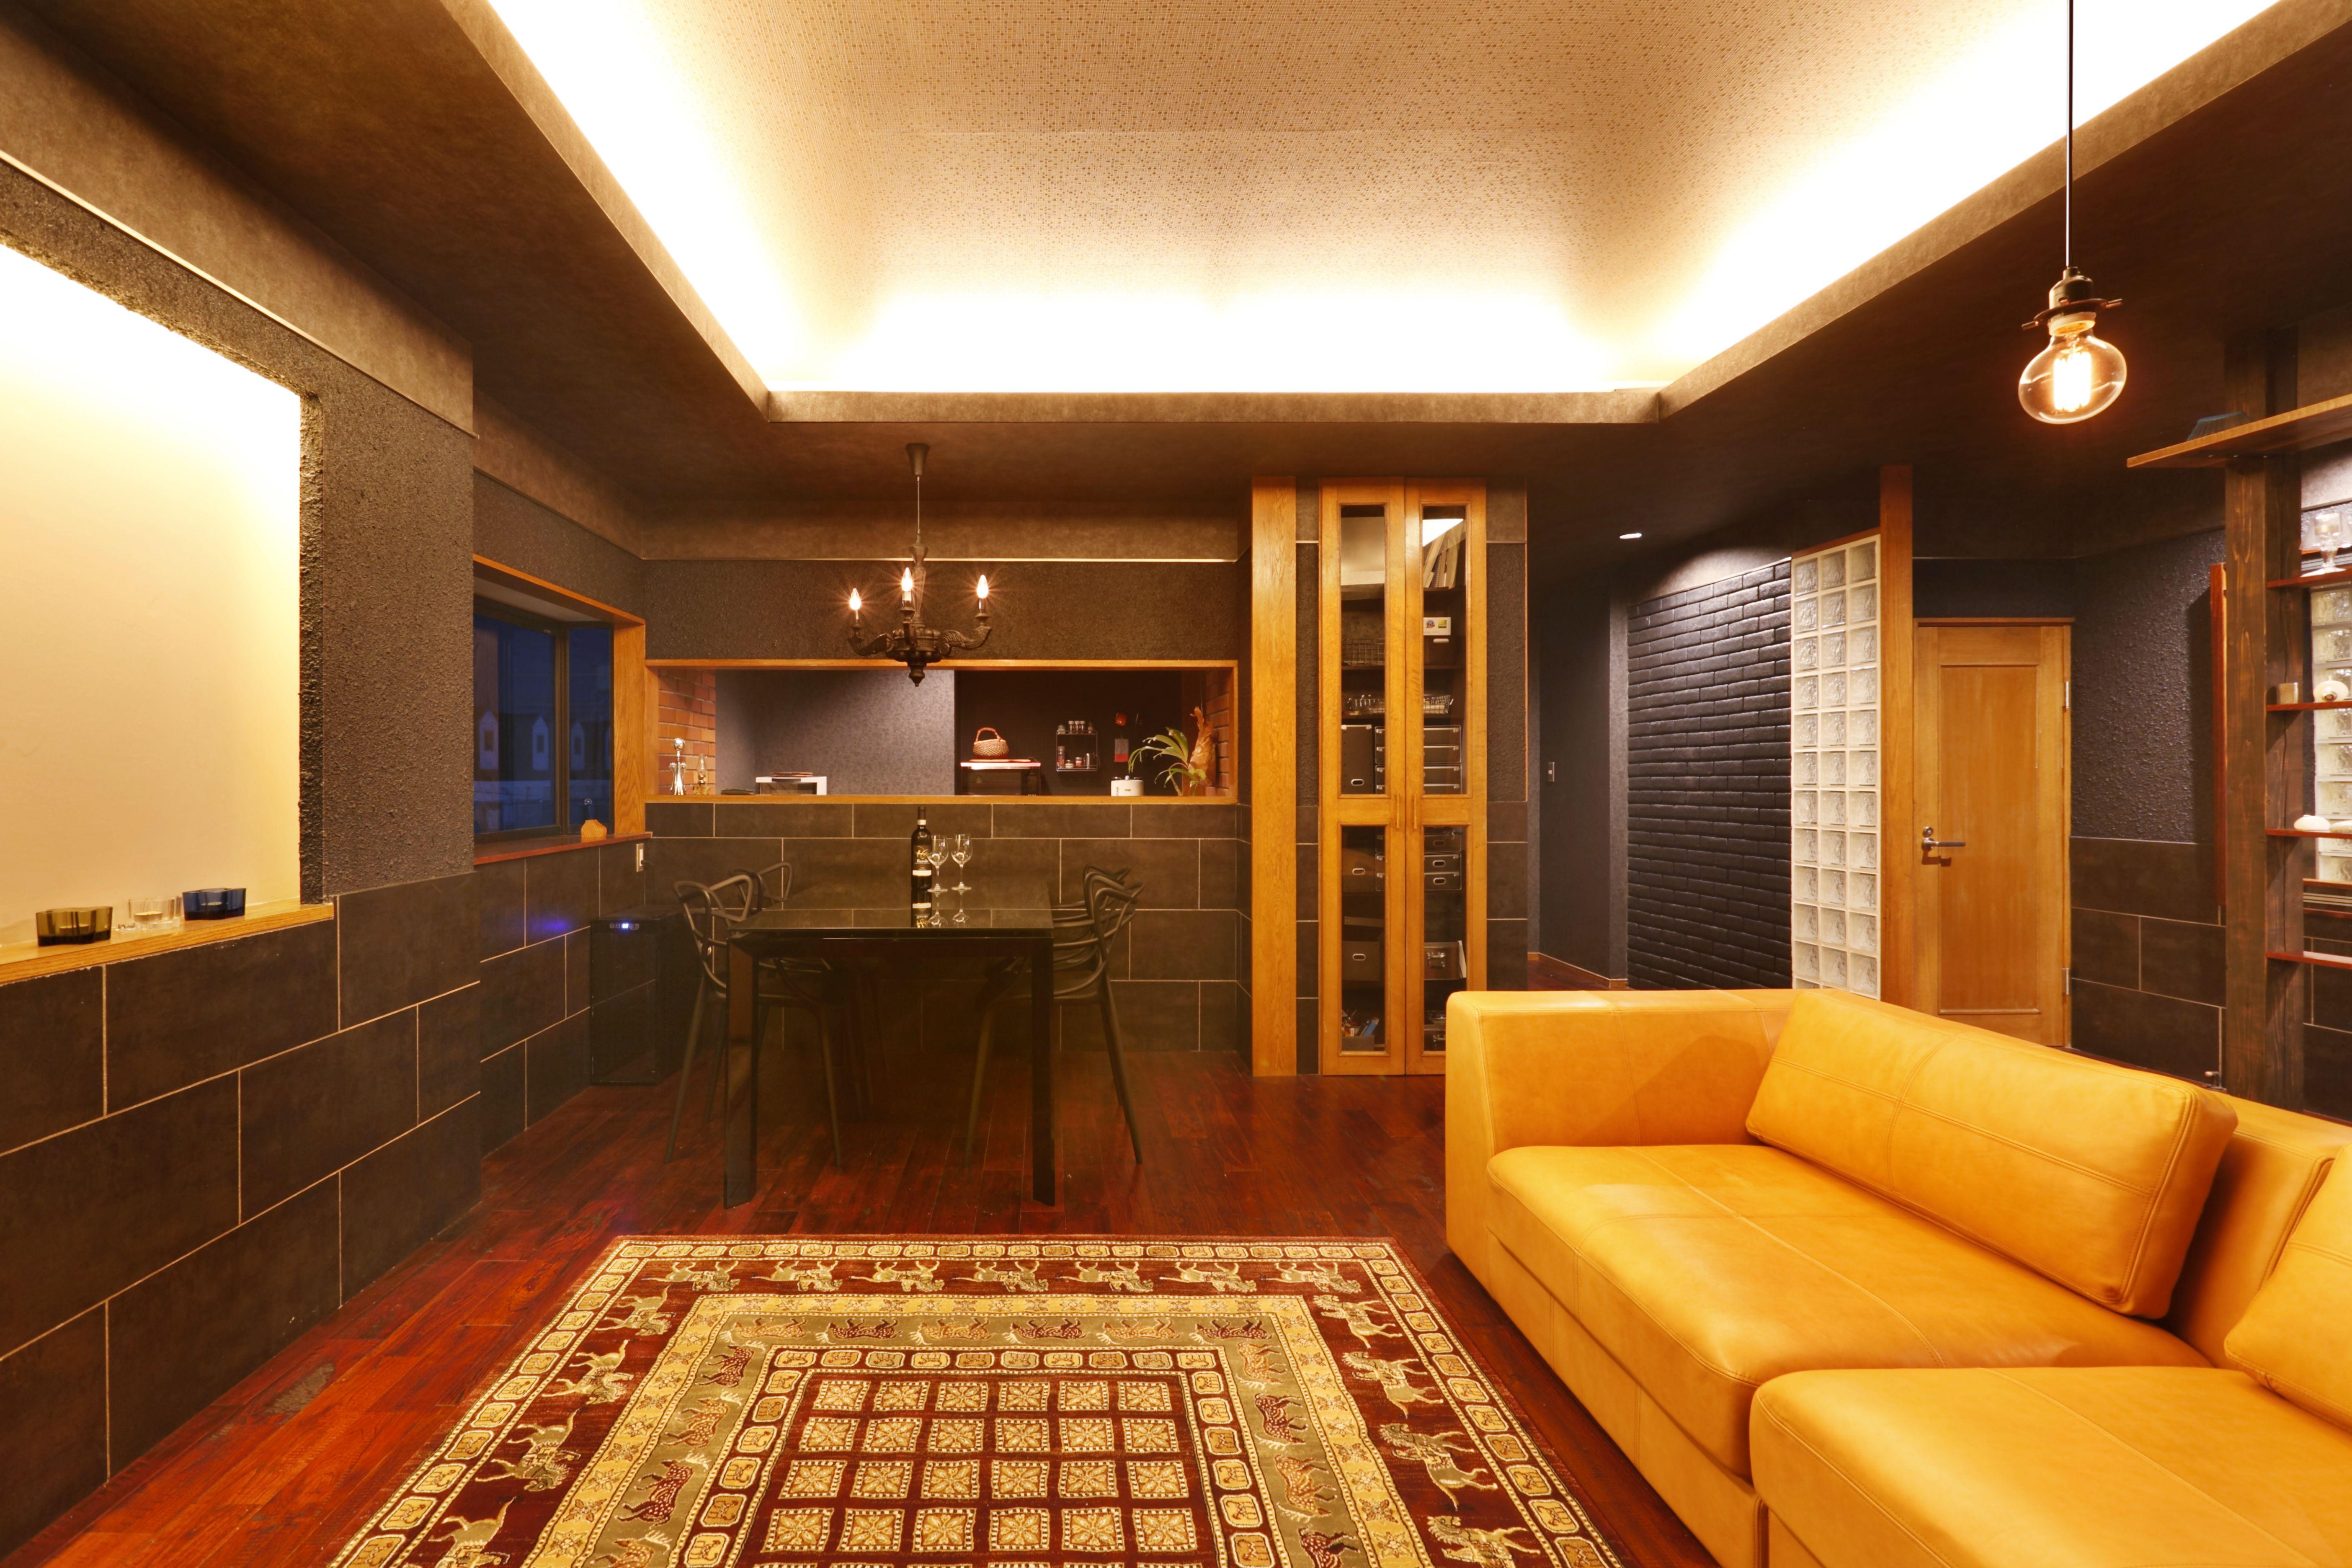 黒い壁と天井のインテリアデザイン 間接照明と点光源の照明デザイン